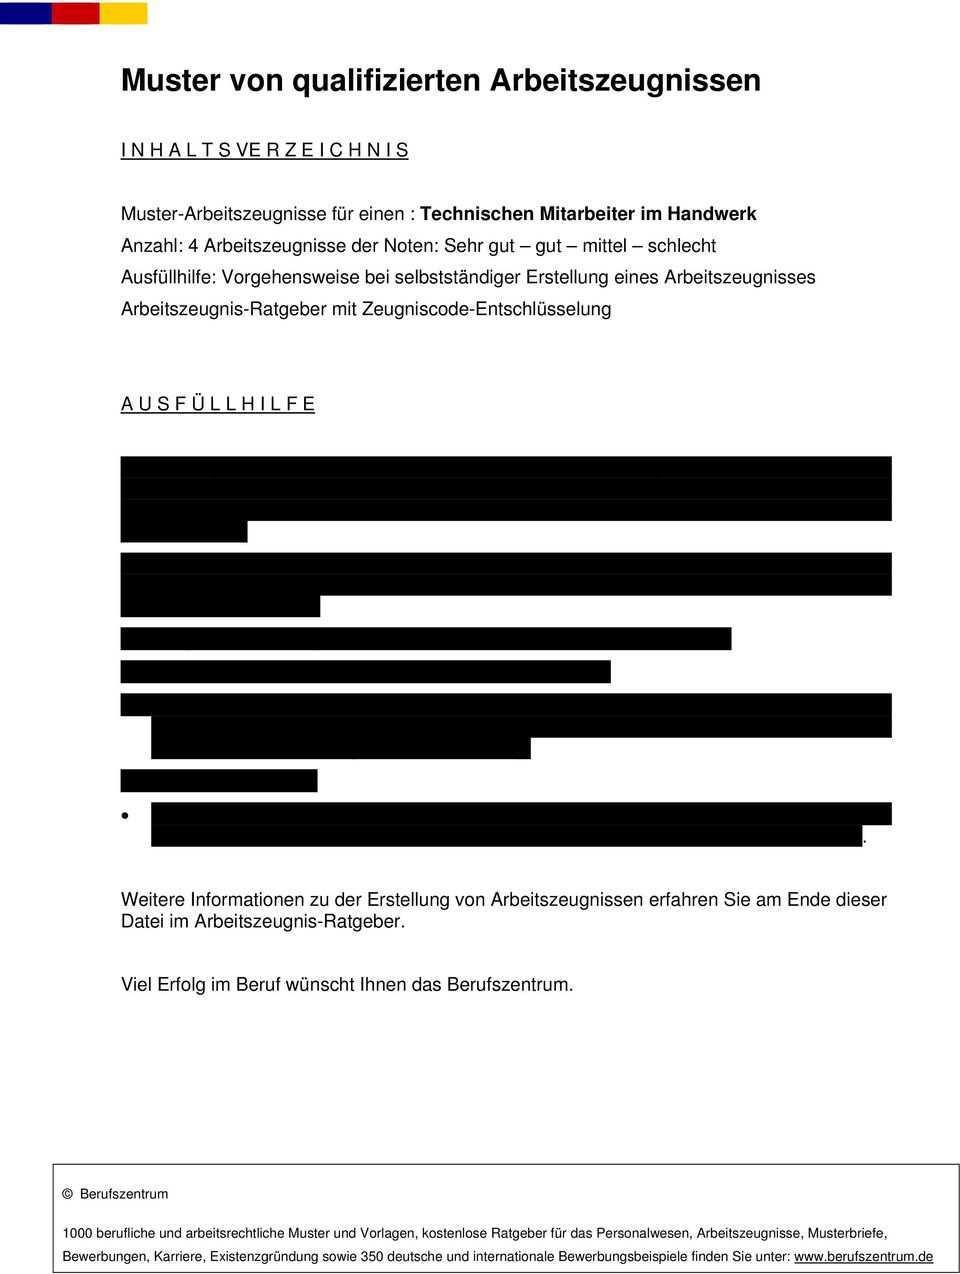 Muster Von Qualifizierten Arbeitszeugnissen Pdf Free Download